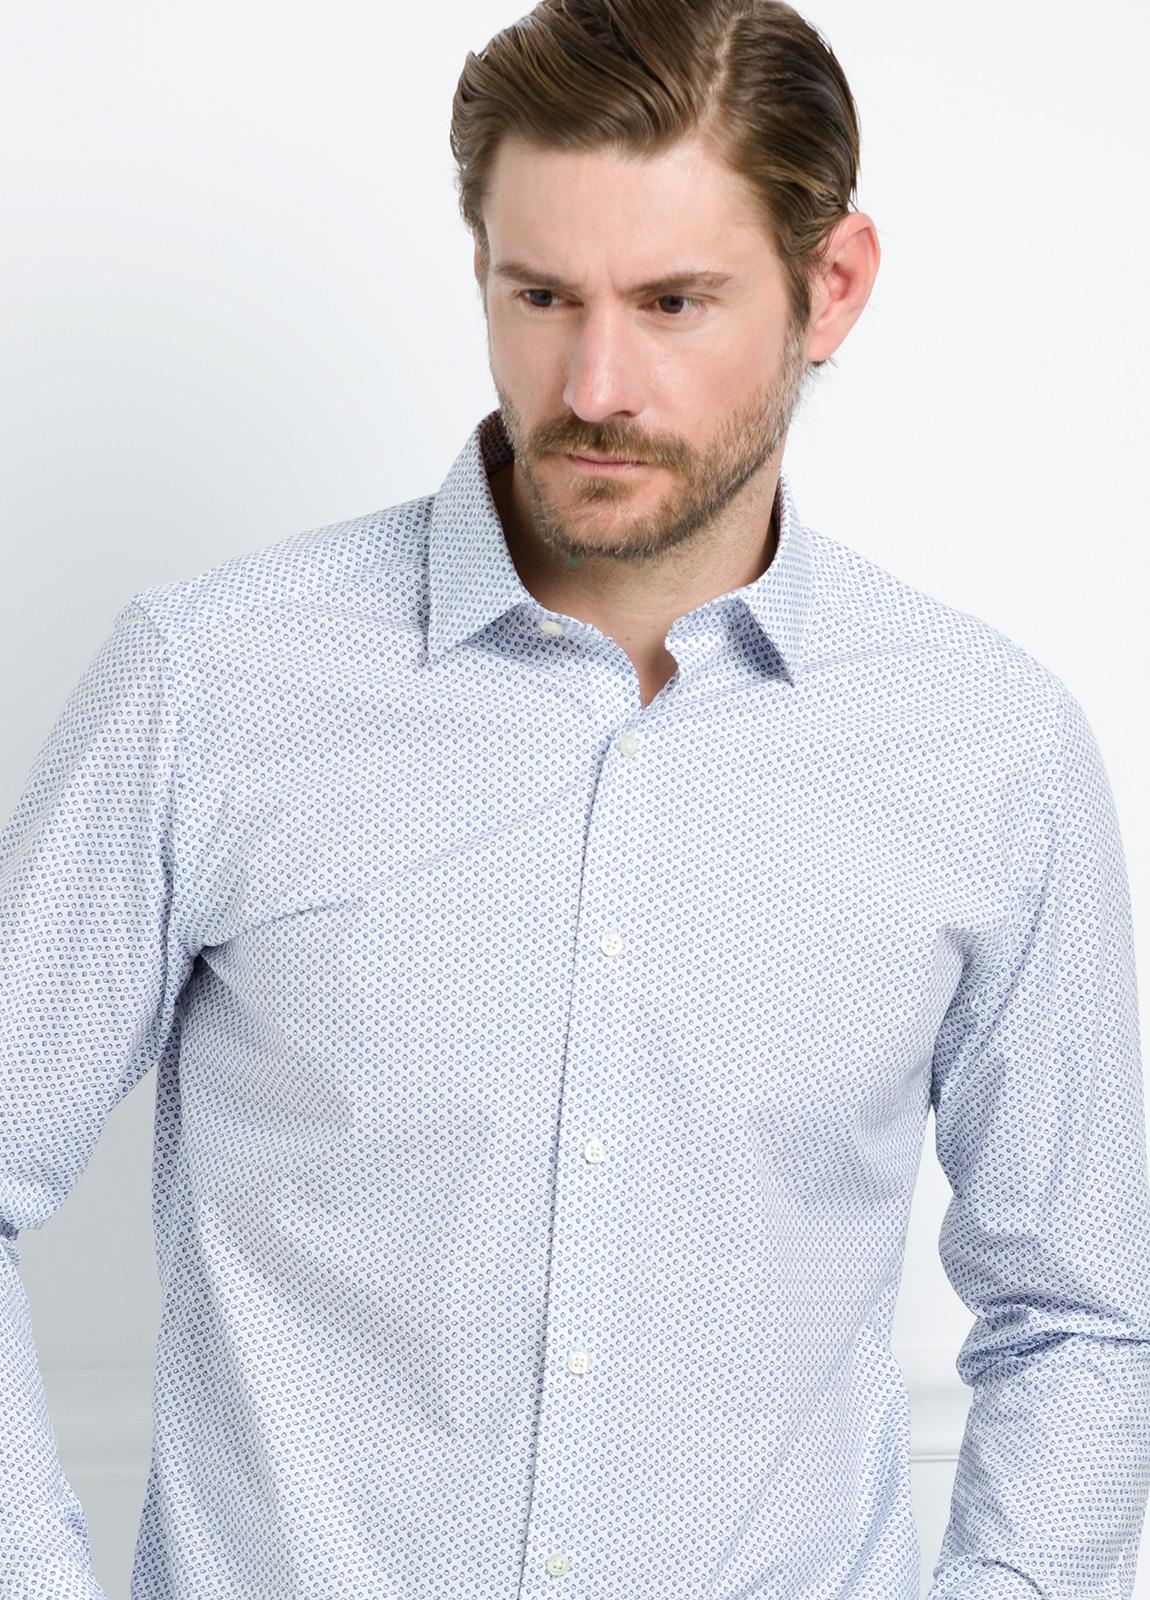 Camisa Casual Wear SLIM FIT Modelo PORTO estampado color azul. 100% Algodón.